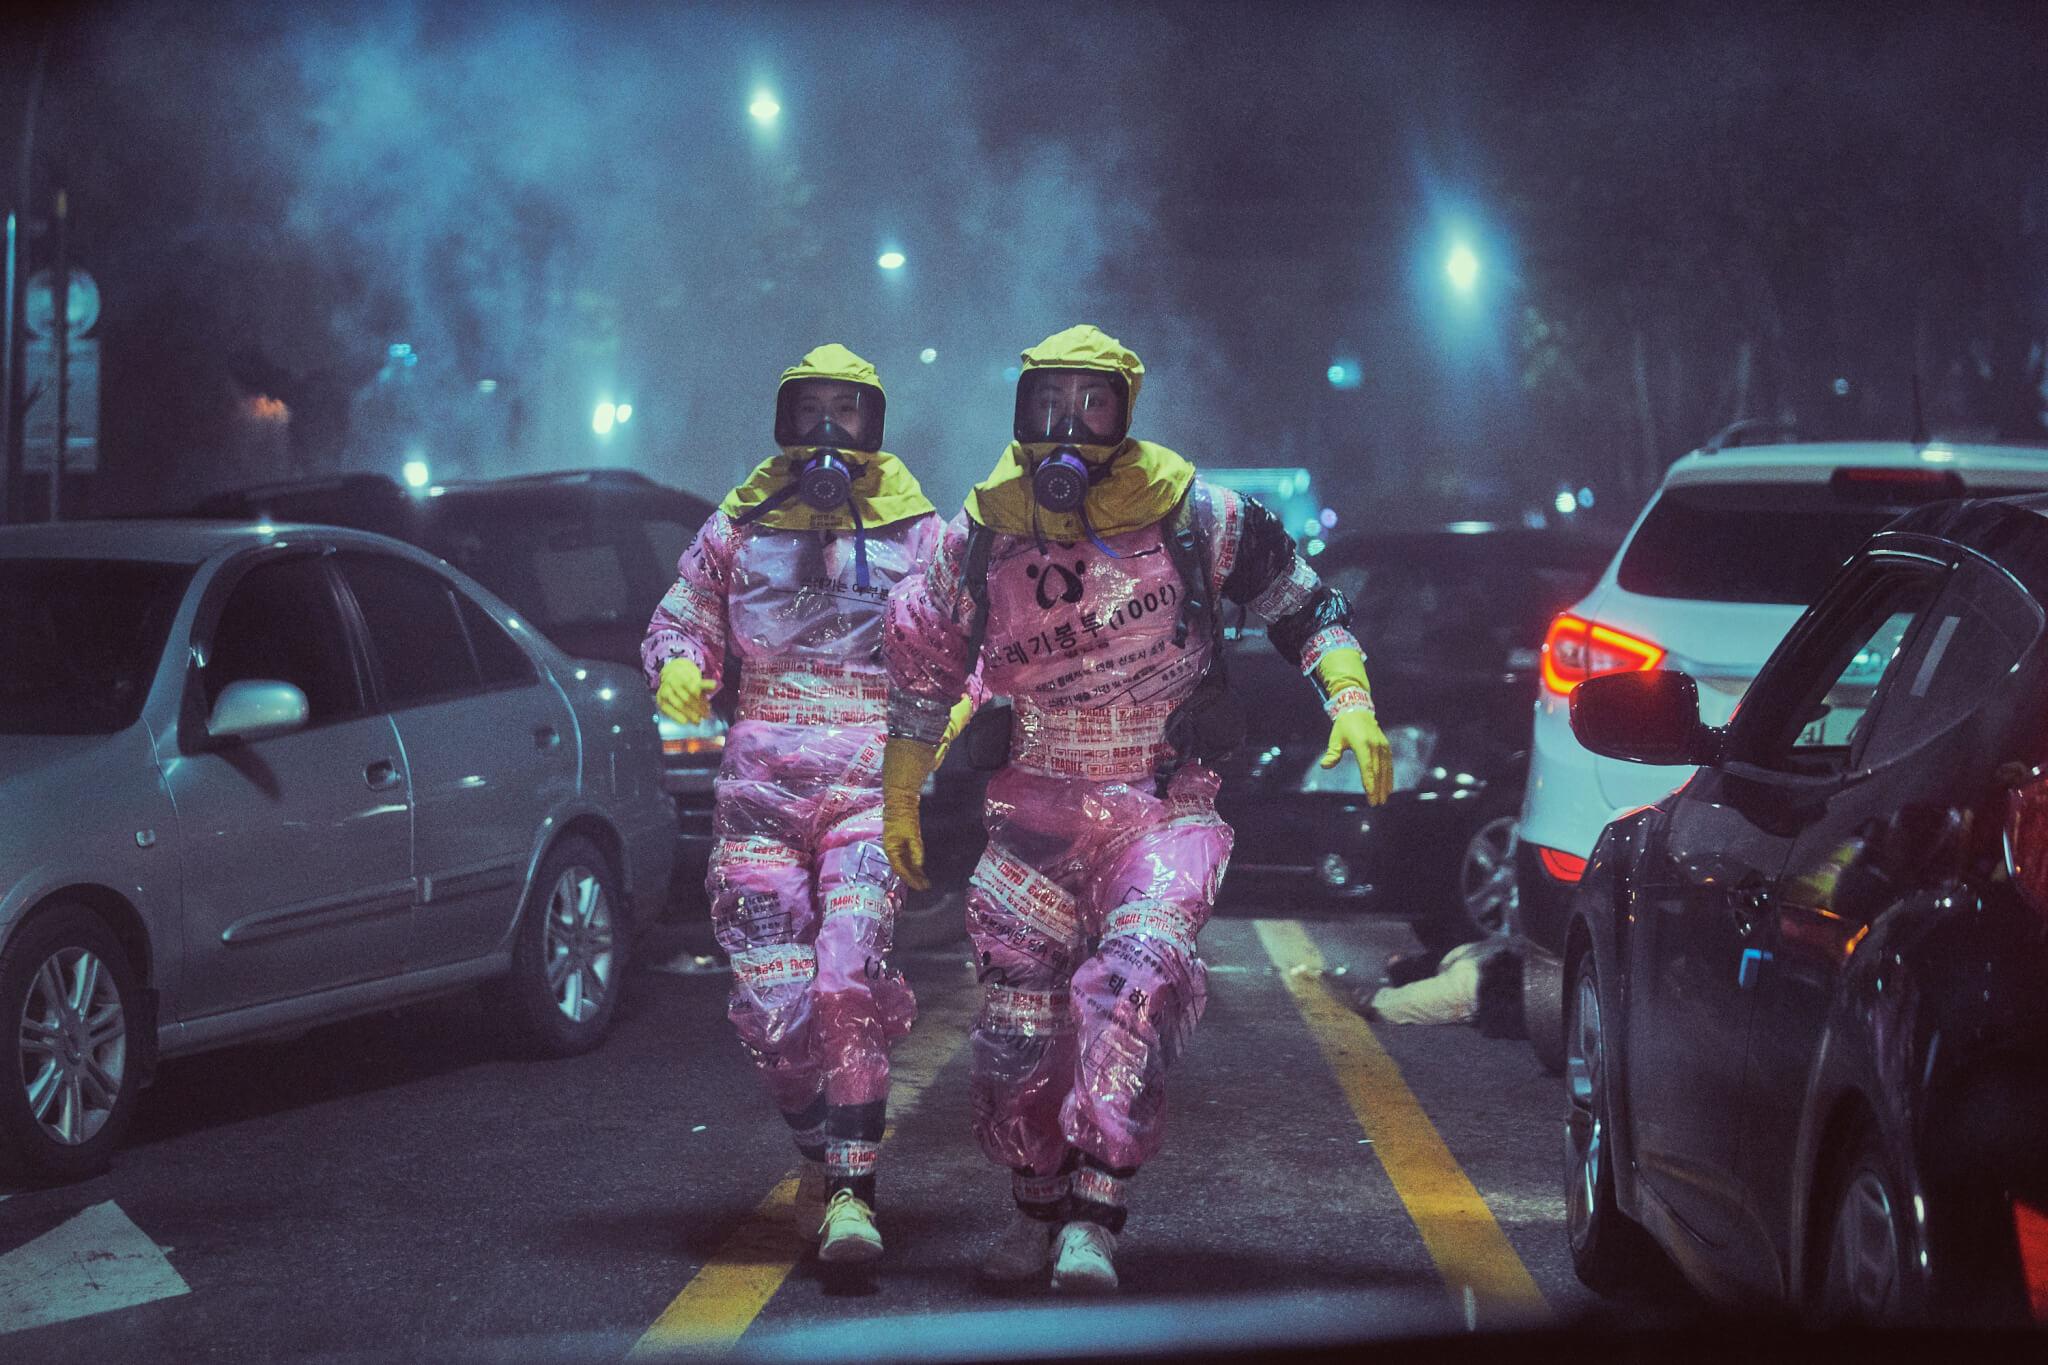 電影中曹政奭和允兒為抵抗毒氣,用垃圾袋製成的防毒衣、地鐵站內的防毒面罩,再配上膠手套及膠紙等,全部在災難現場中就地取材。